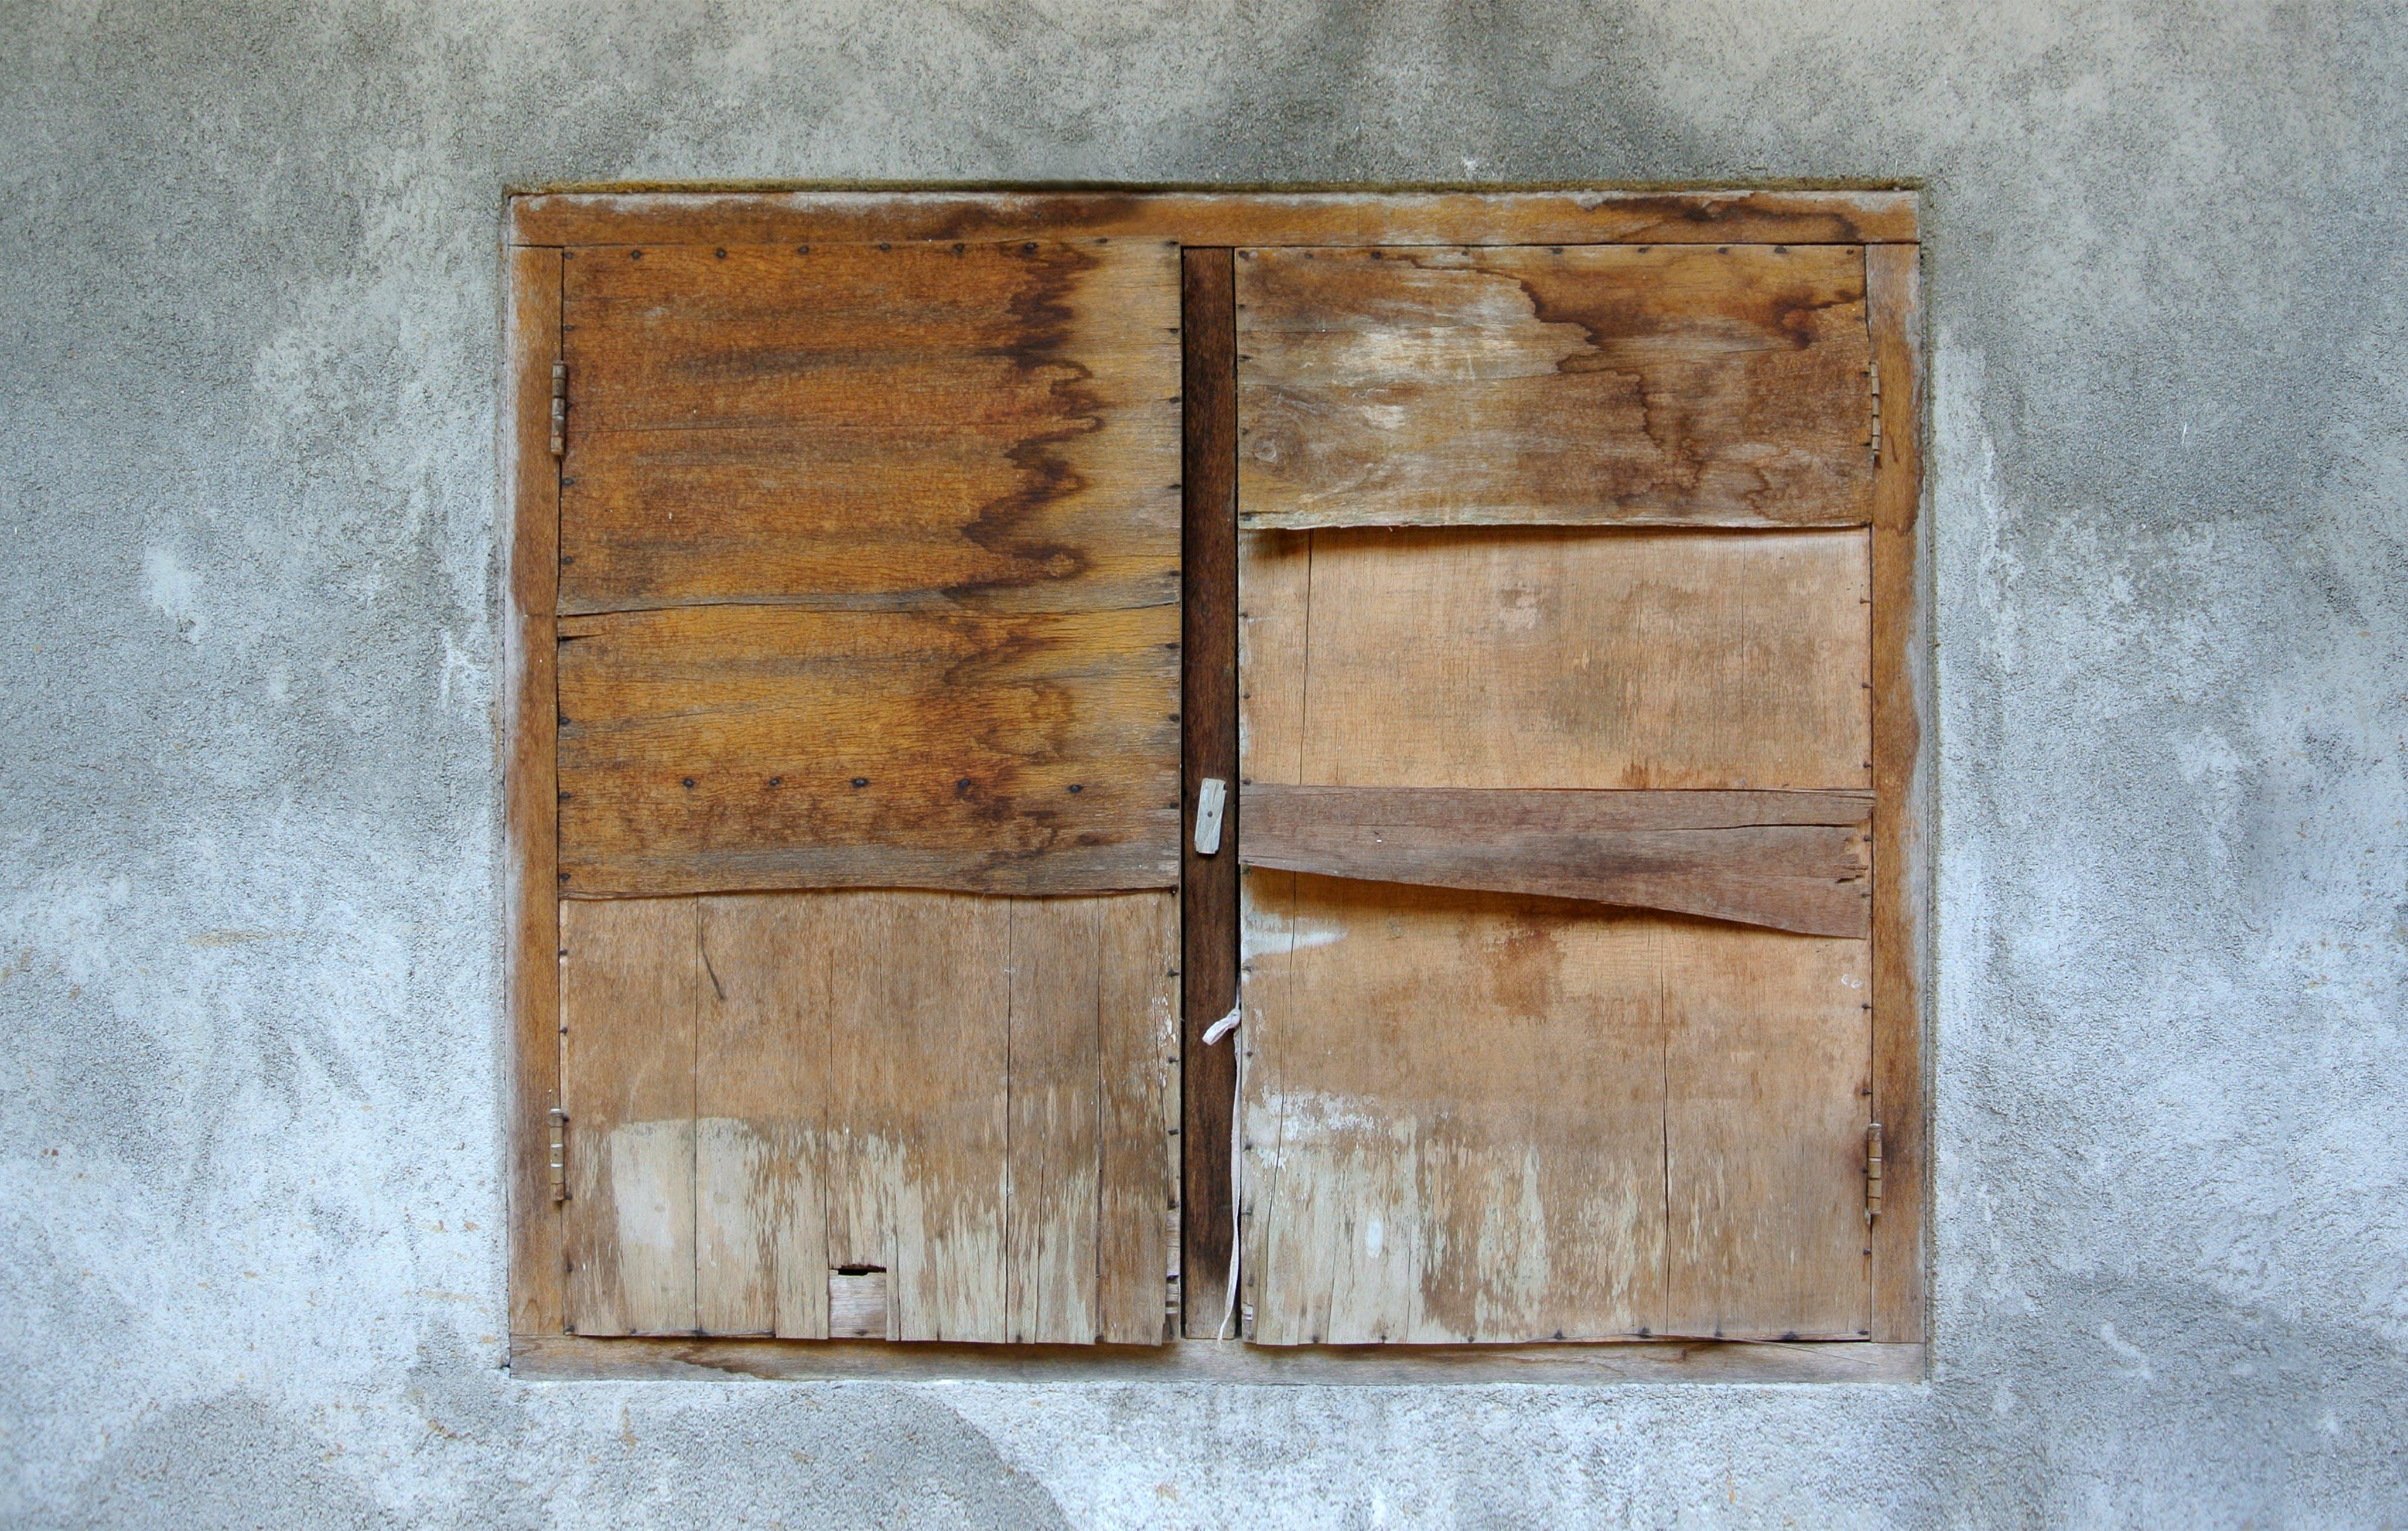 Gratis stockfoto met Bali, Balinees, gesloten houten raam, gesloten raam